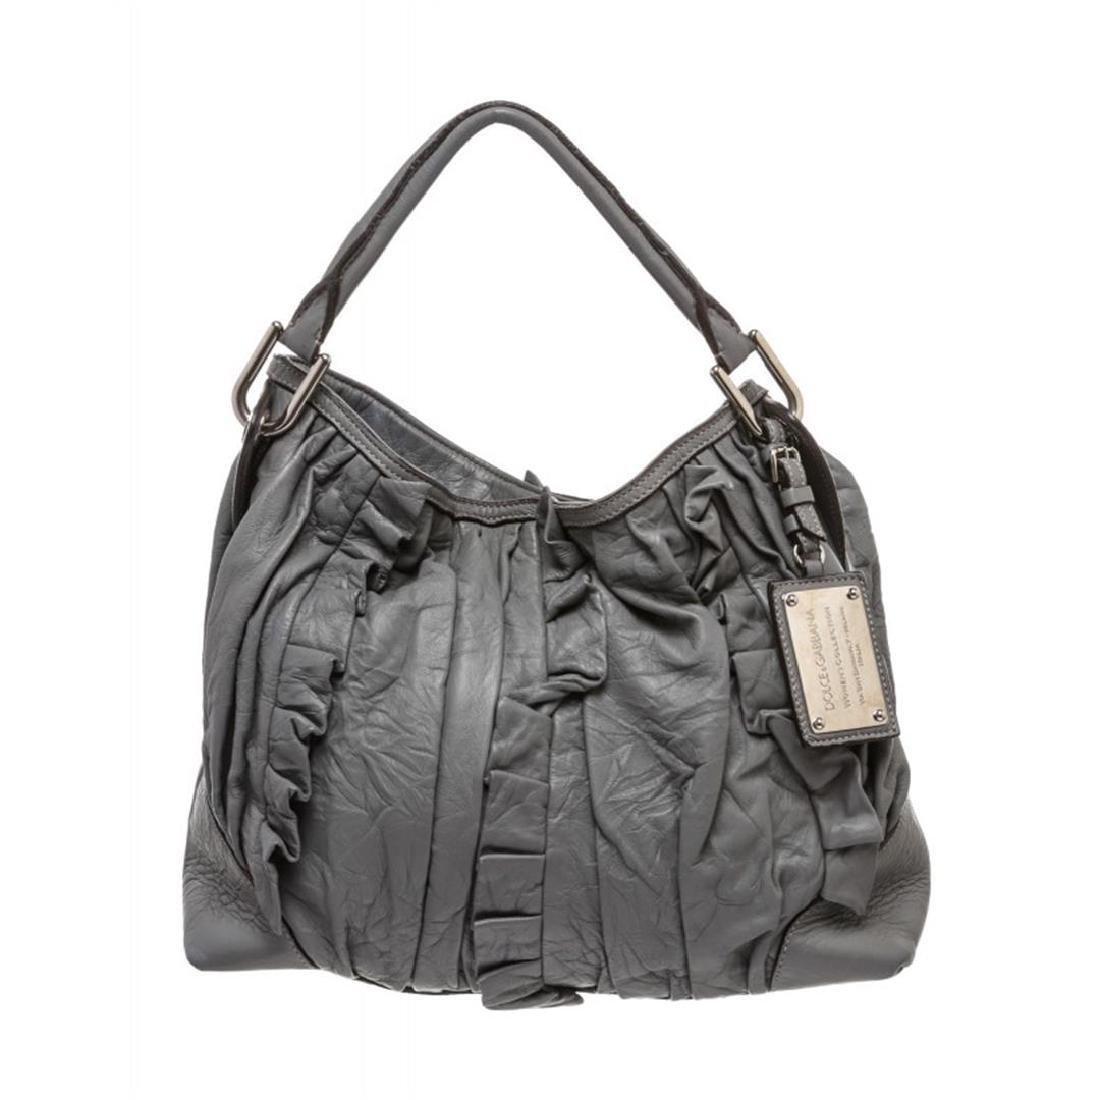 Dolce & Gabbana Gray Leather Ruffle Miss Brooke Ruffle